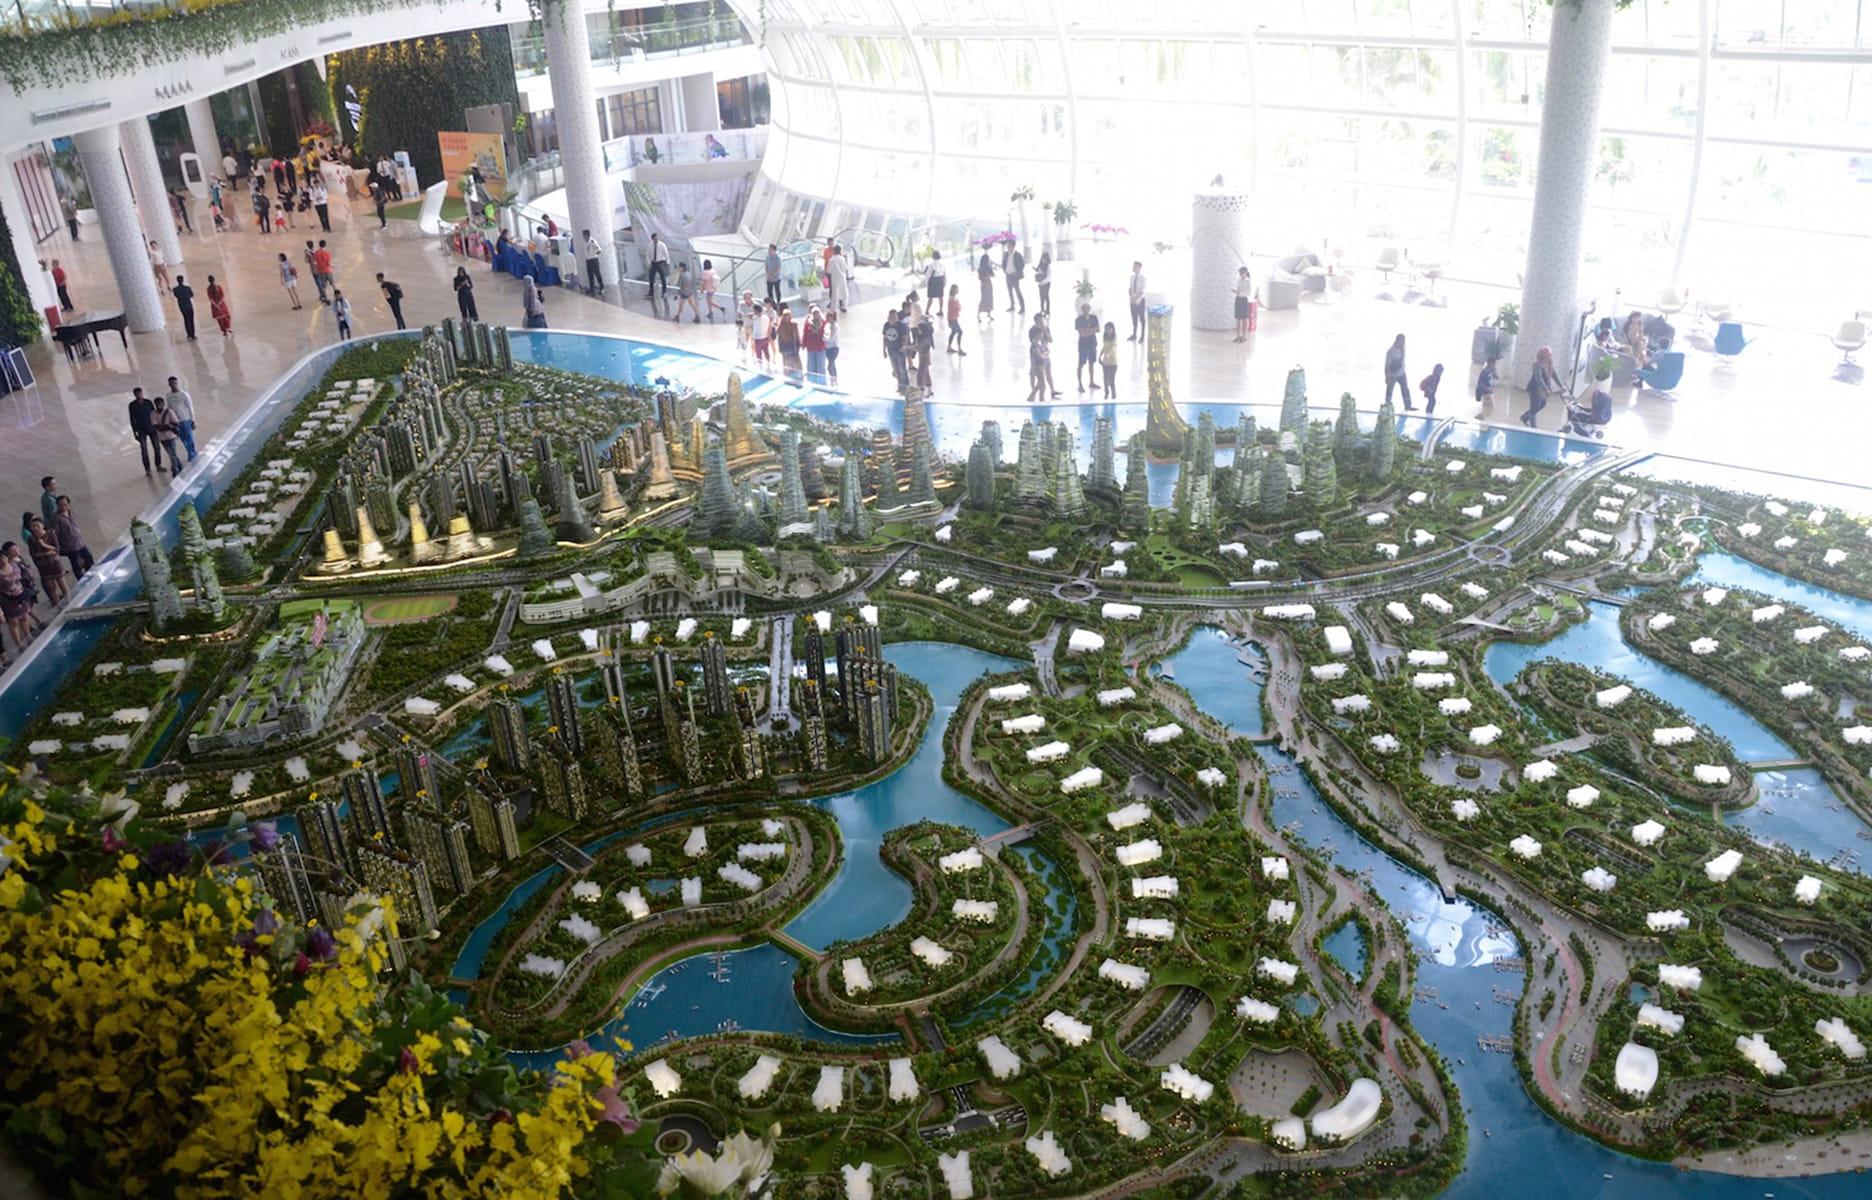 La Maquette De Forest City, Trônant Au Milieu Du Hall Du0027exposition, Montre